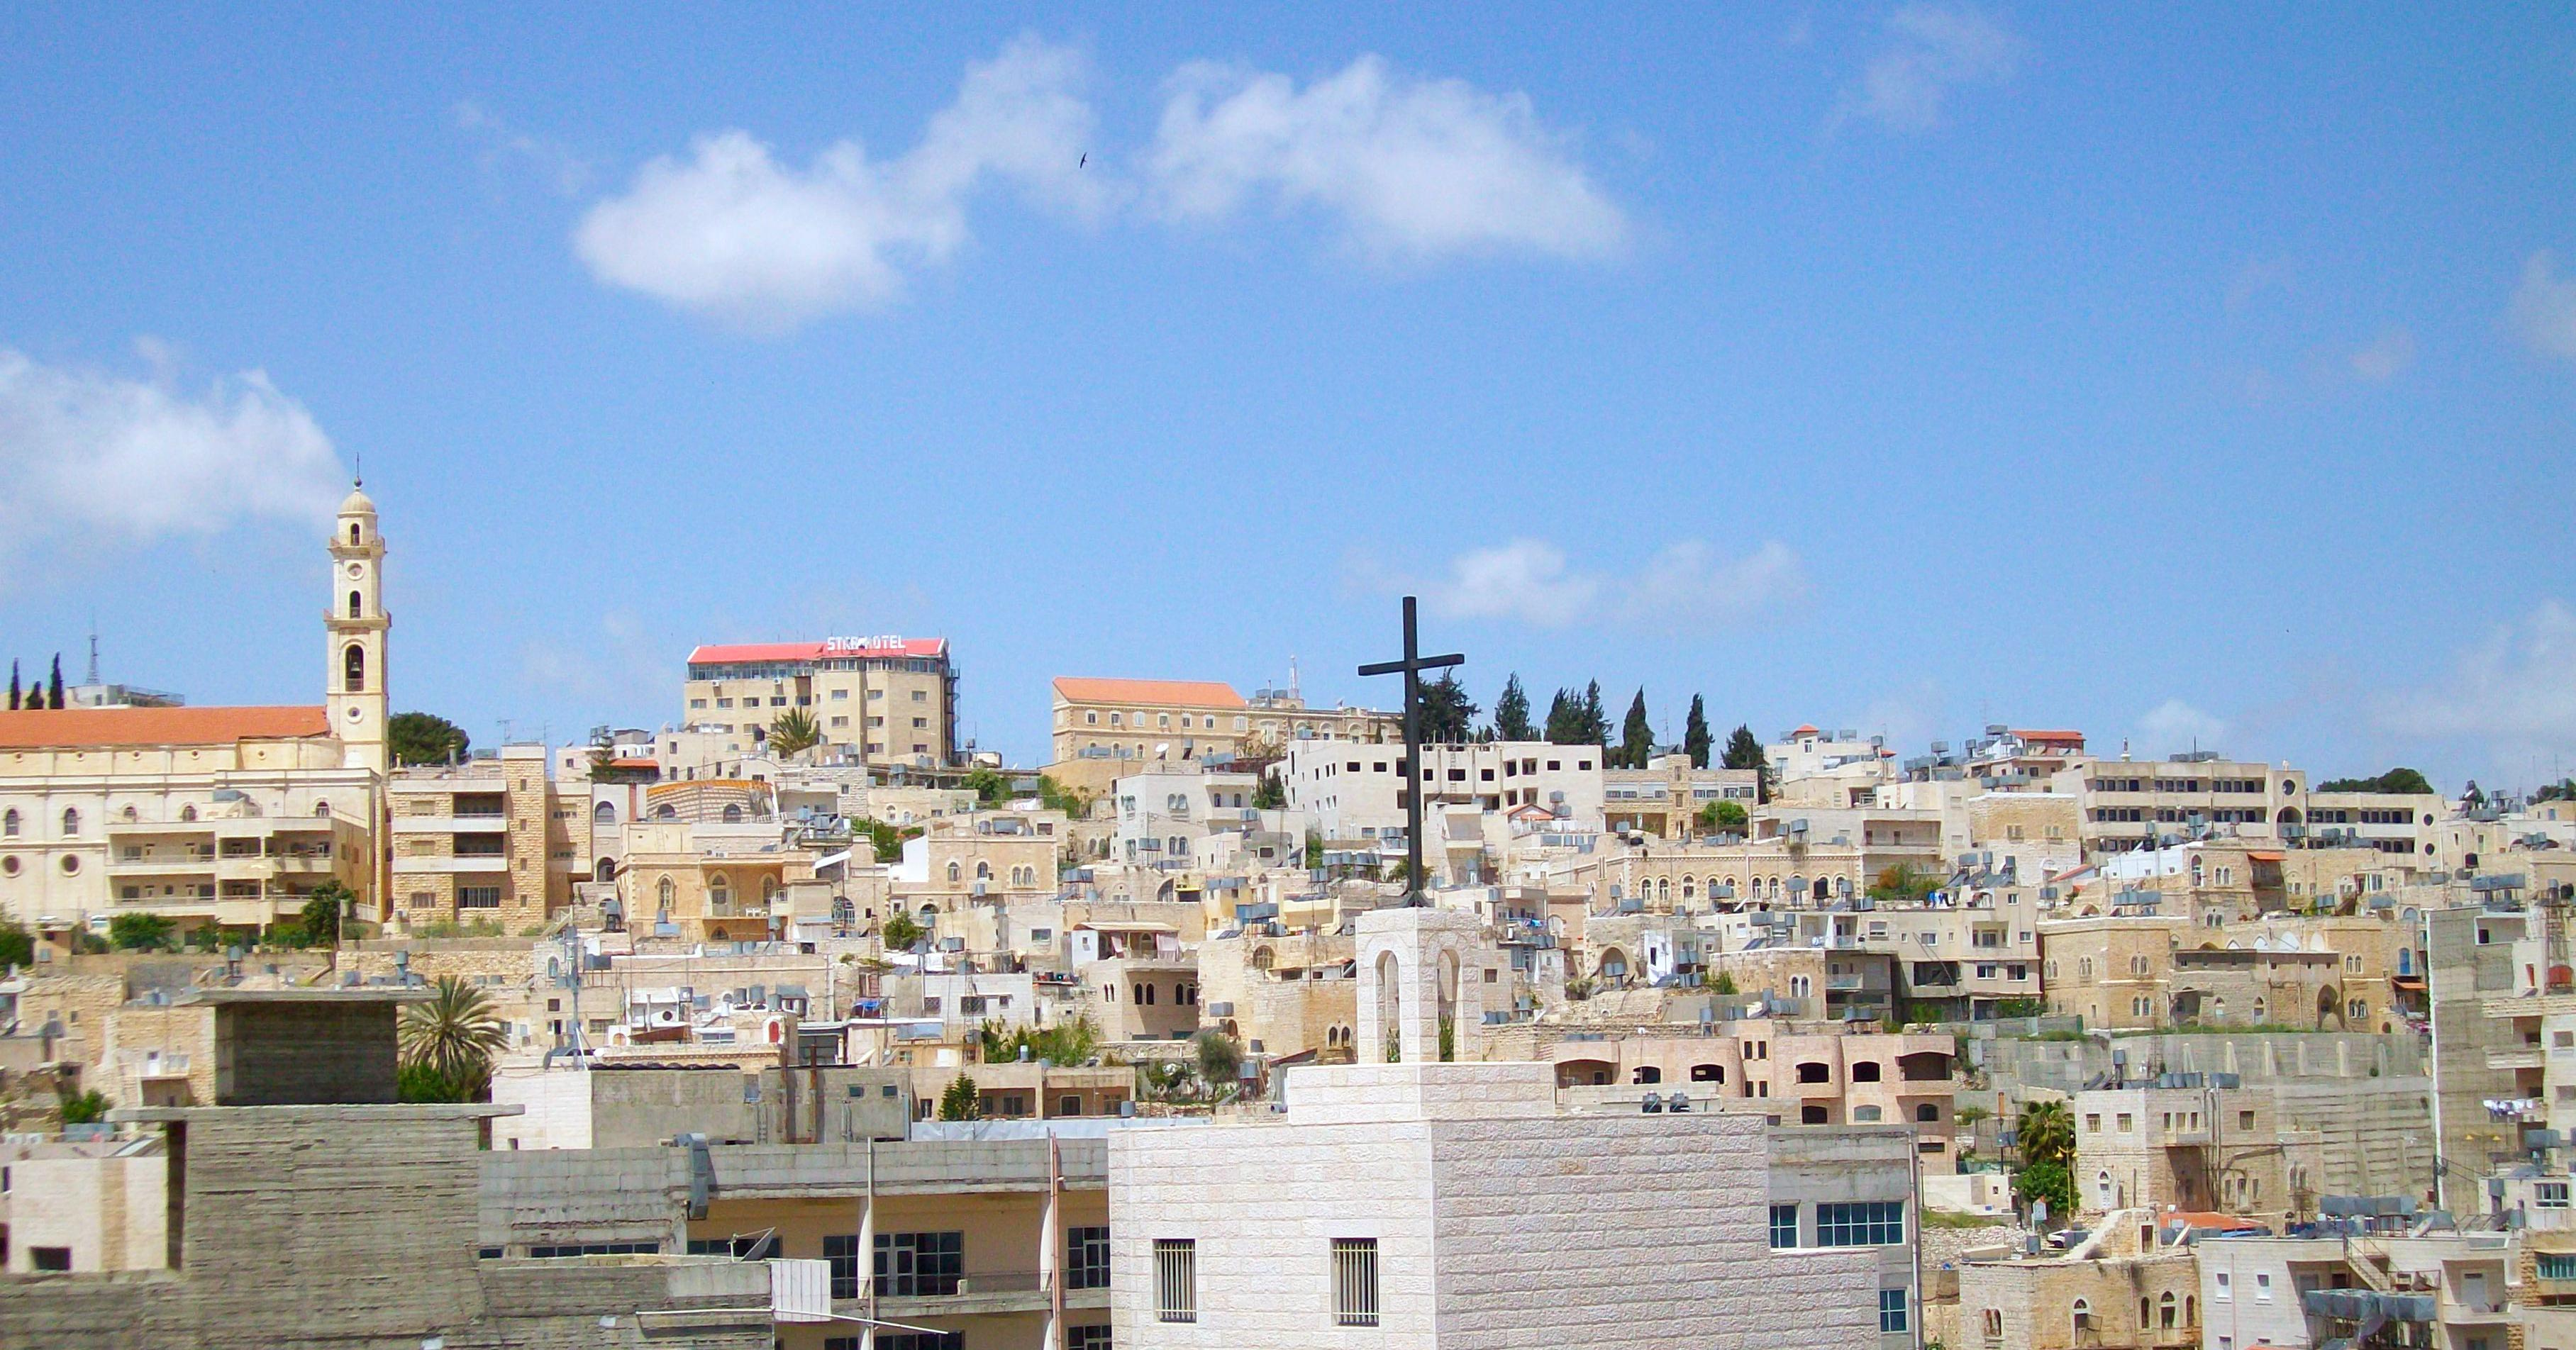 Life in Bethlehem during the coronavirus lockdown